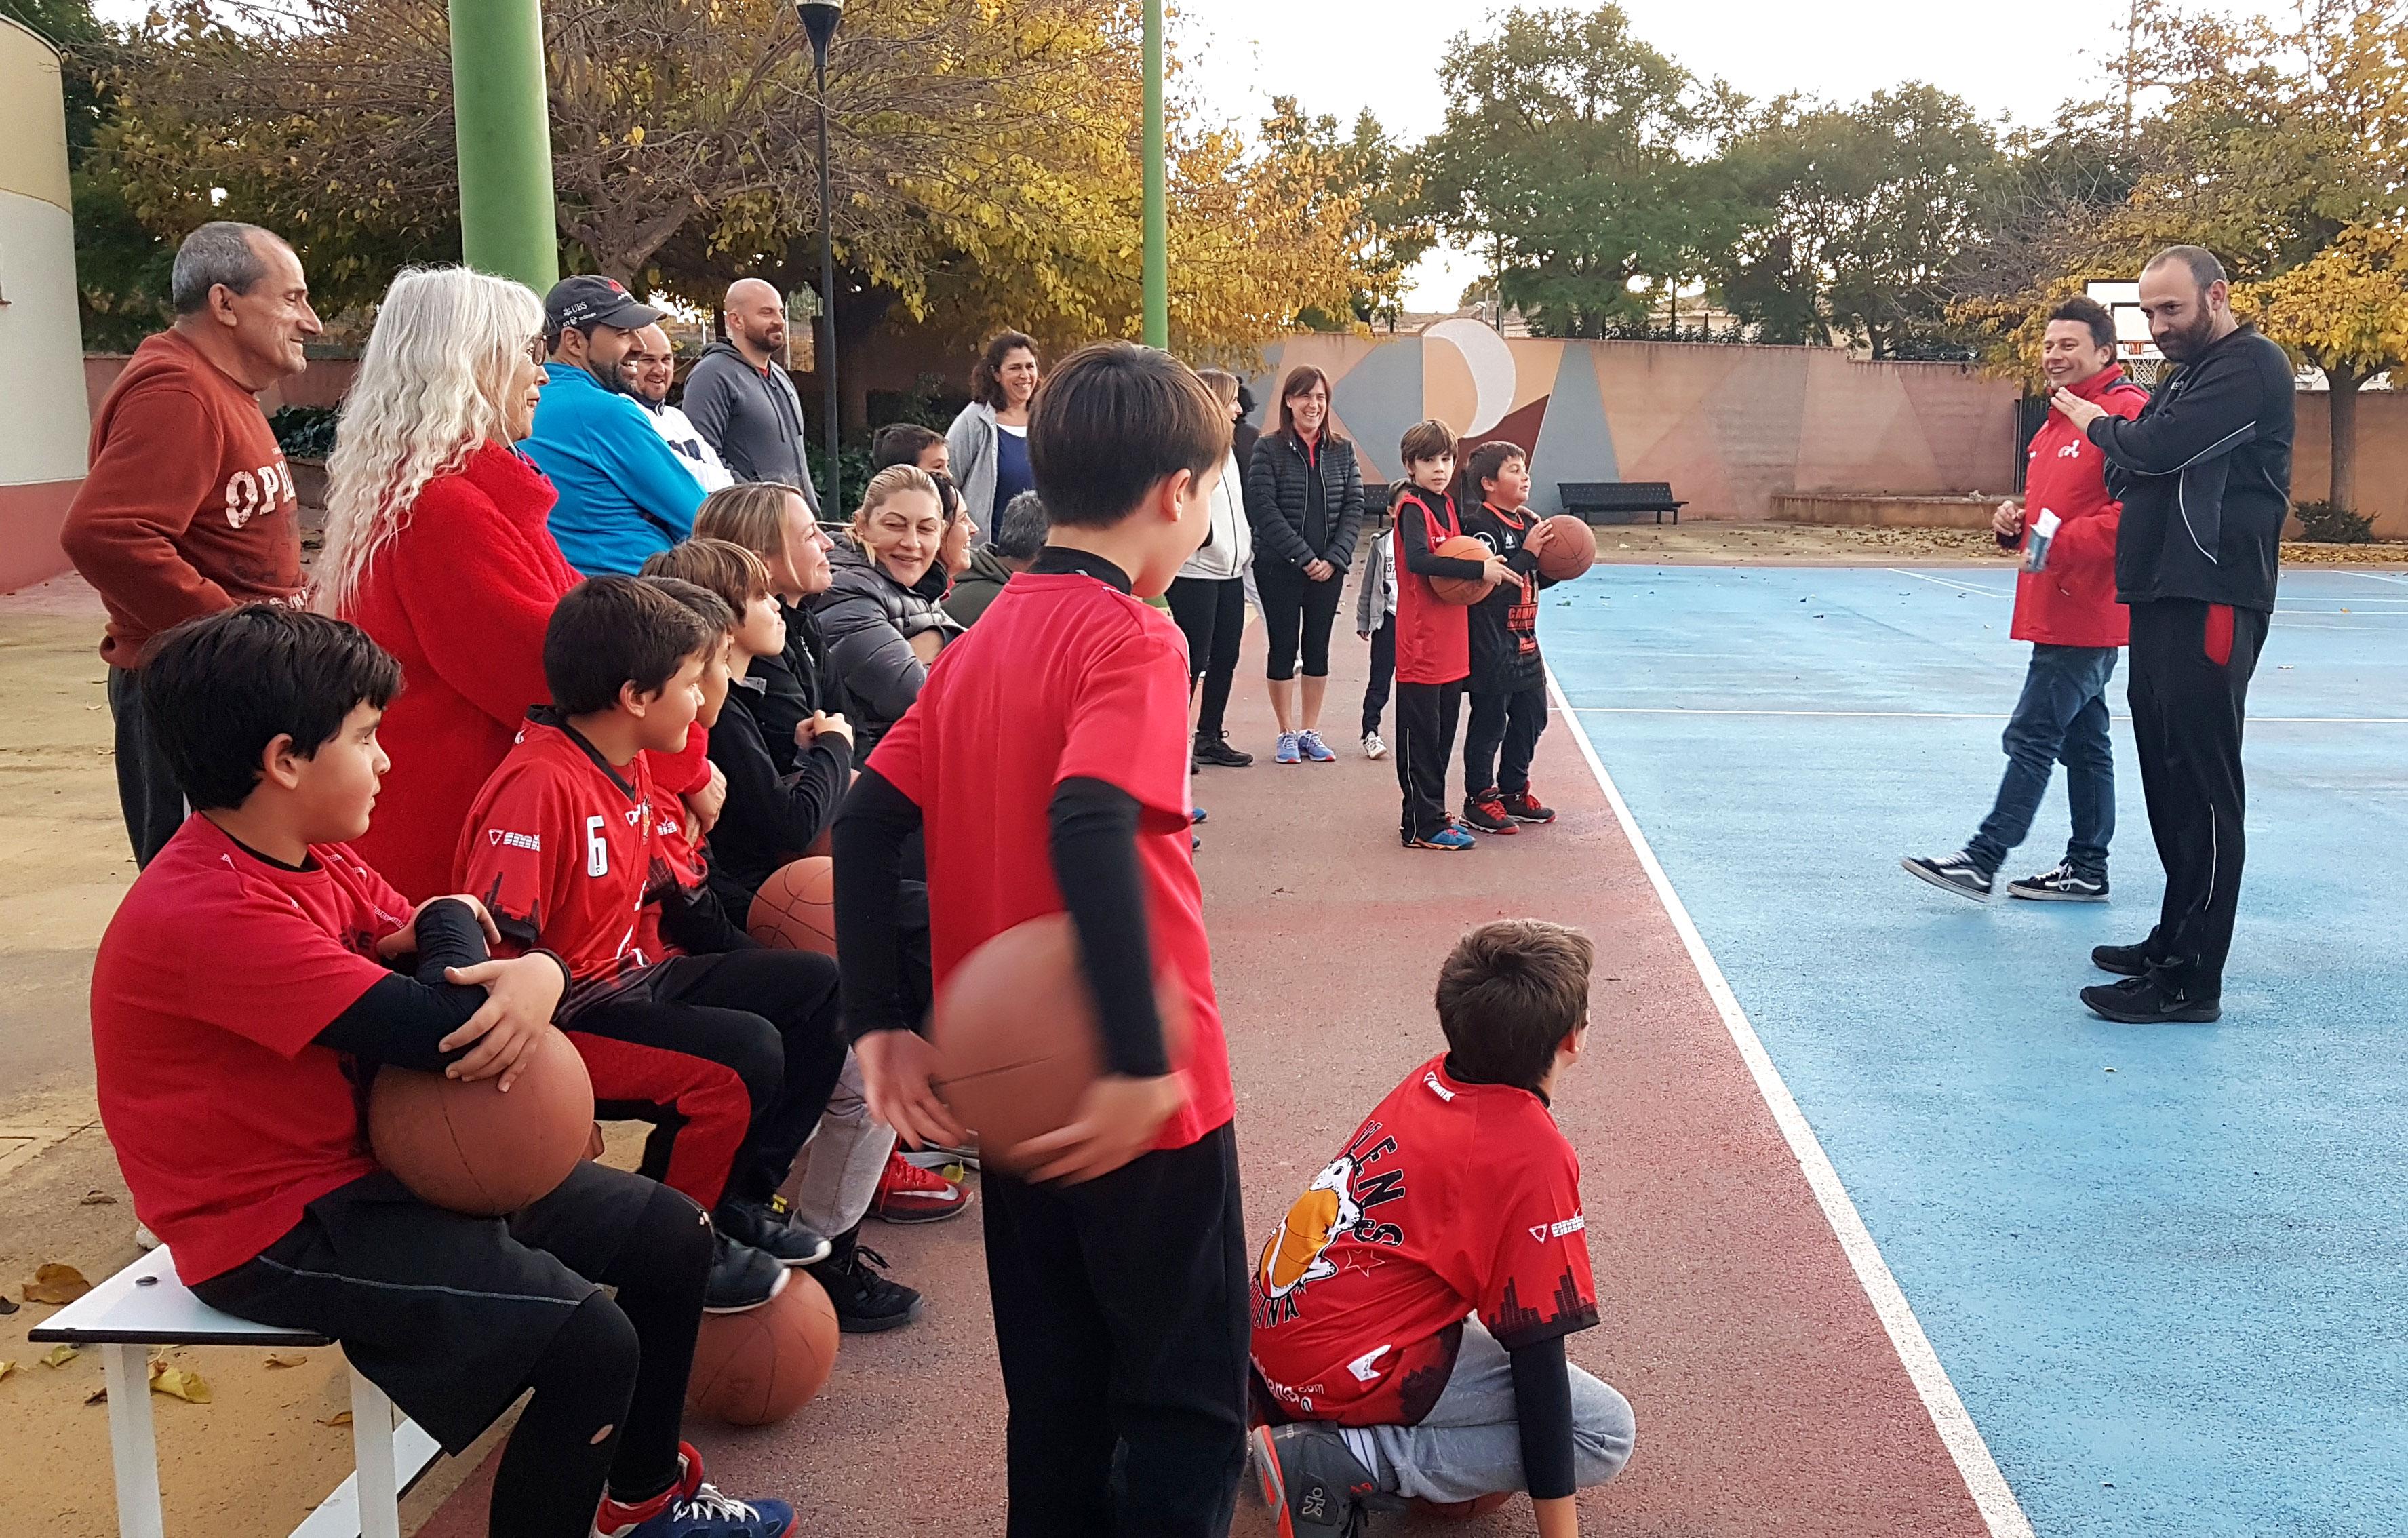 La primera de les Escoles Esportives Municipals a participar ha sigut la de futbol 8, a la qual li seguirà l'escola de basket.